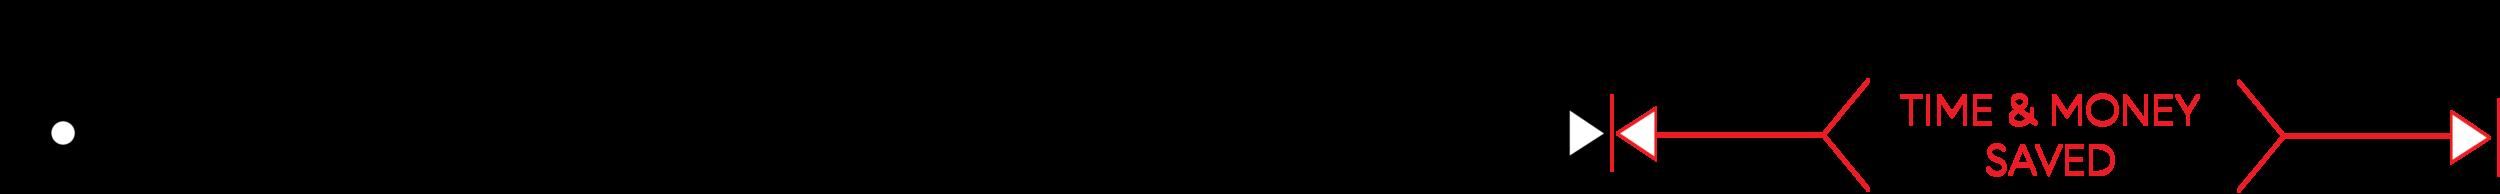 design build diagram_progress for website_2019.04.04 [Recovered].png